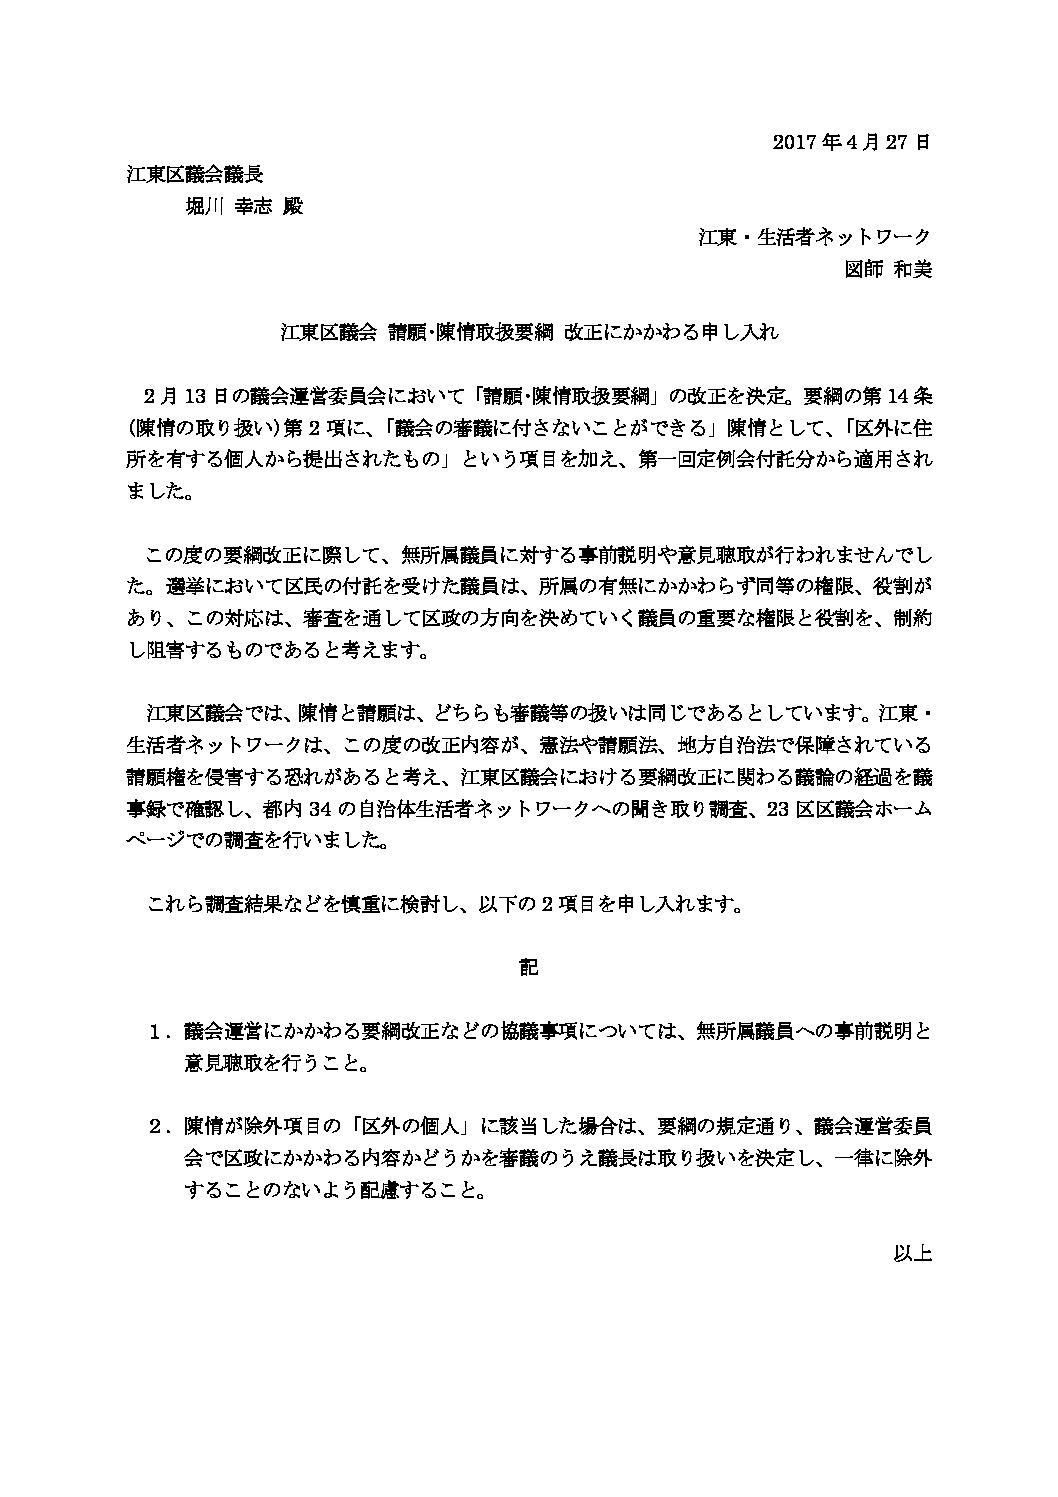 江東区議会 請願・陳情取扱要綱 改正にかかわる申し入れ書のサムネイル